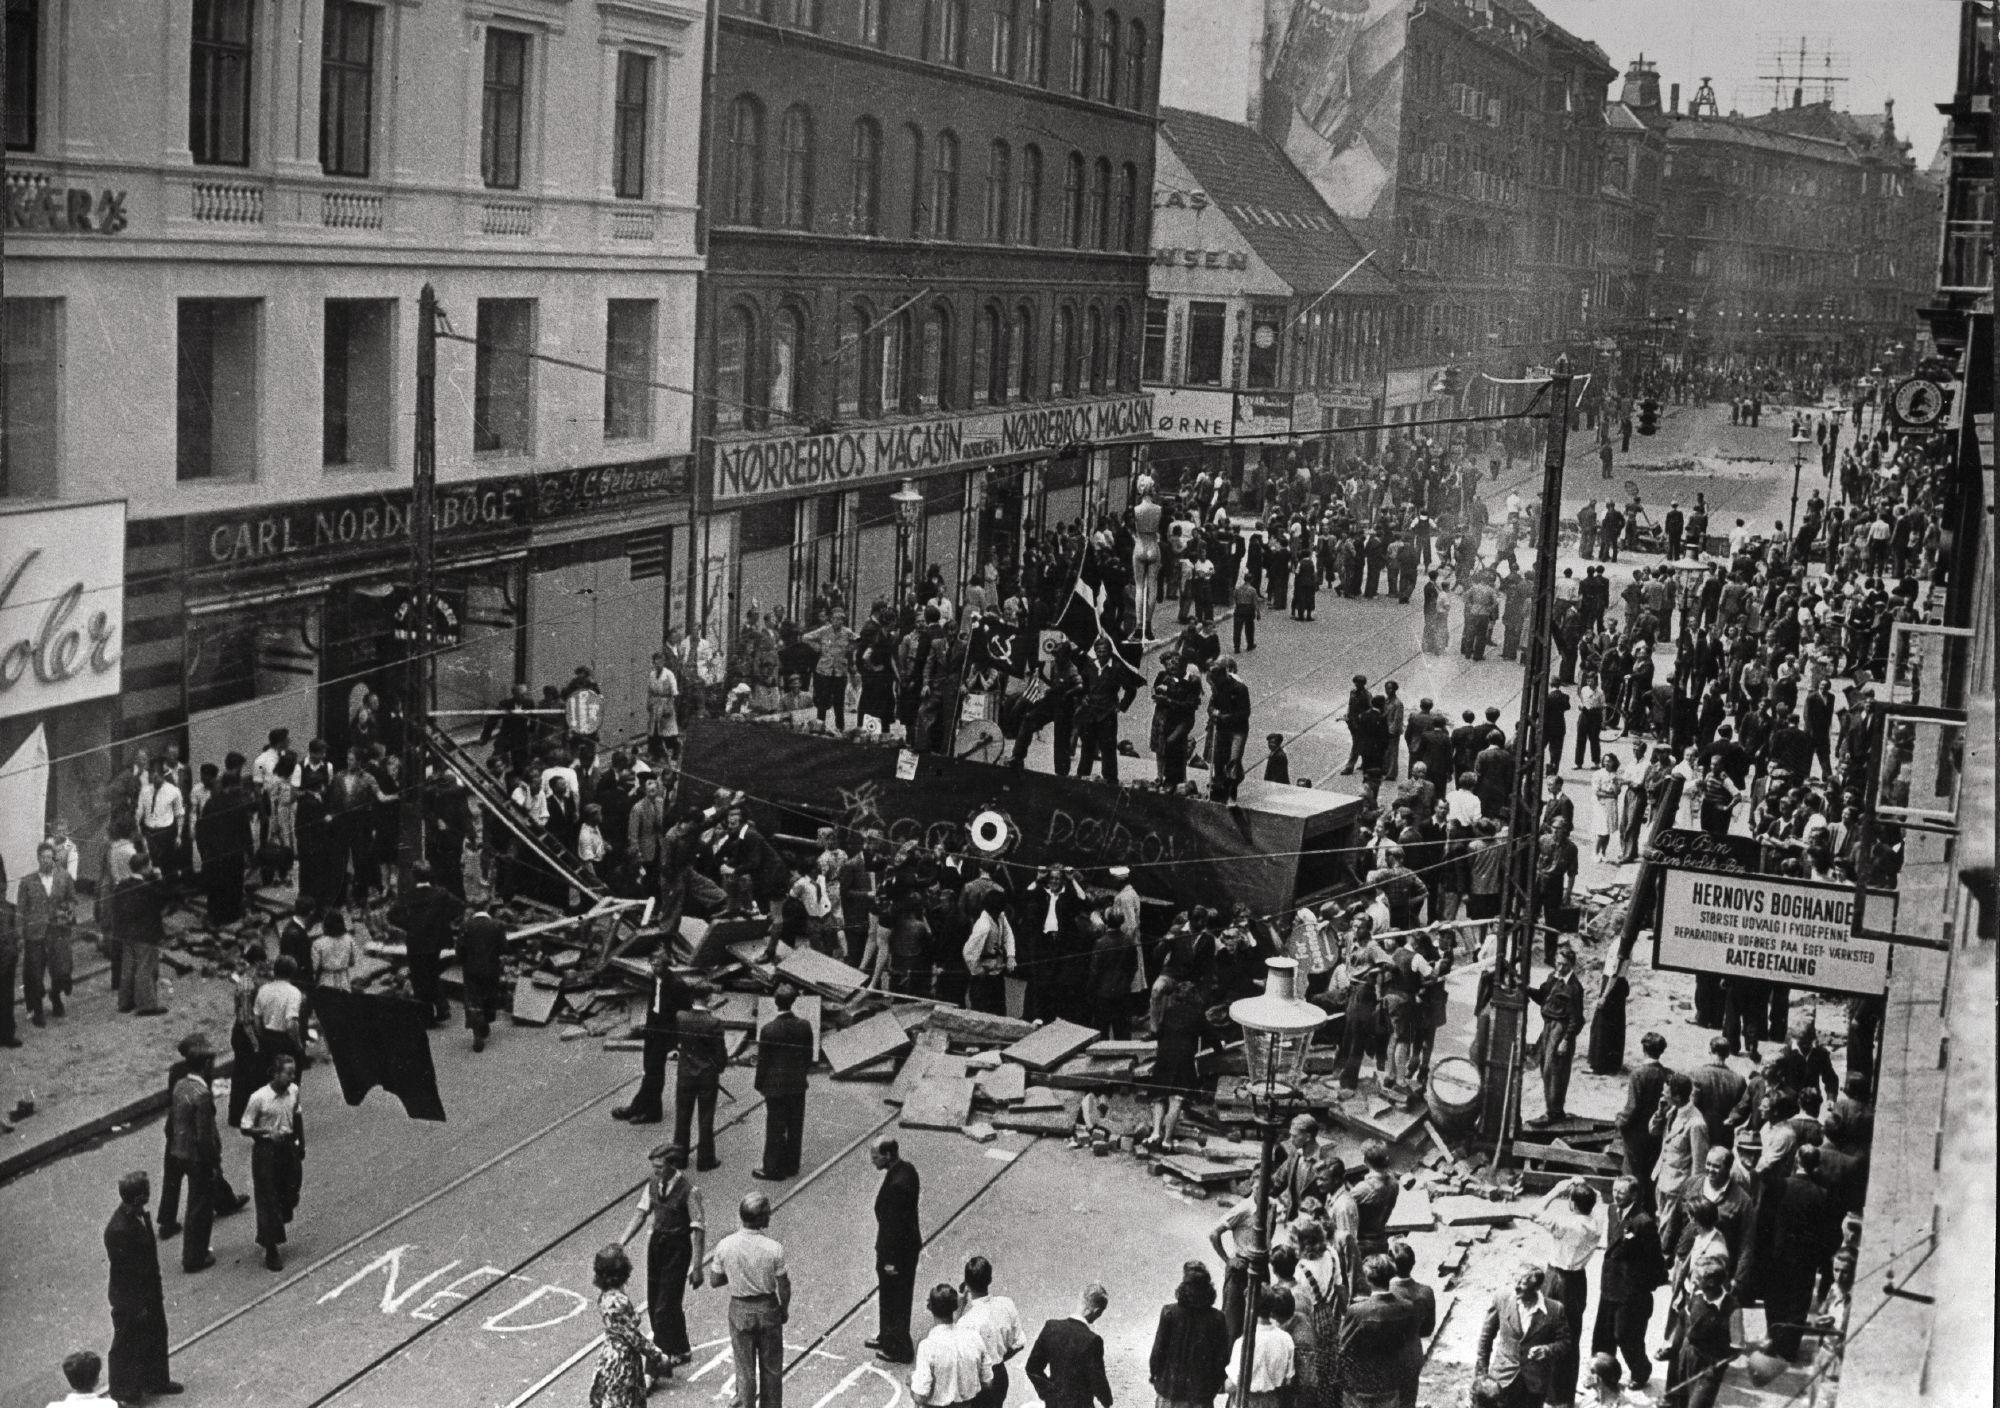 Norreboro-Aufstand 1944 in Kopenhagen - Quelle: WikiCommons